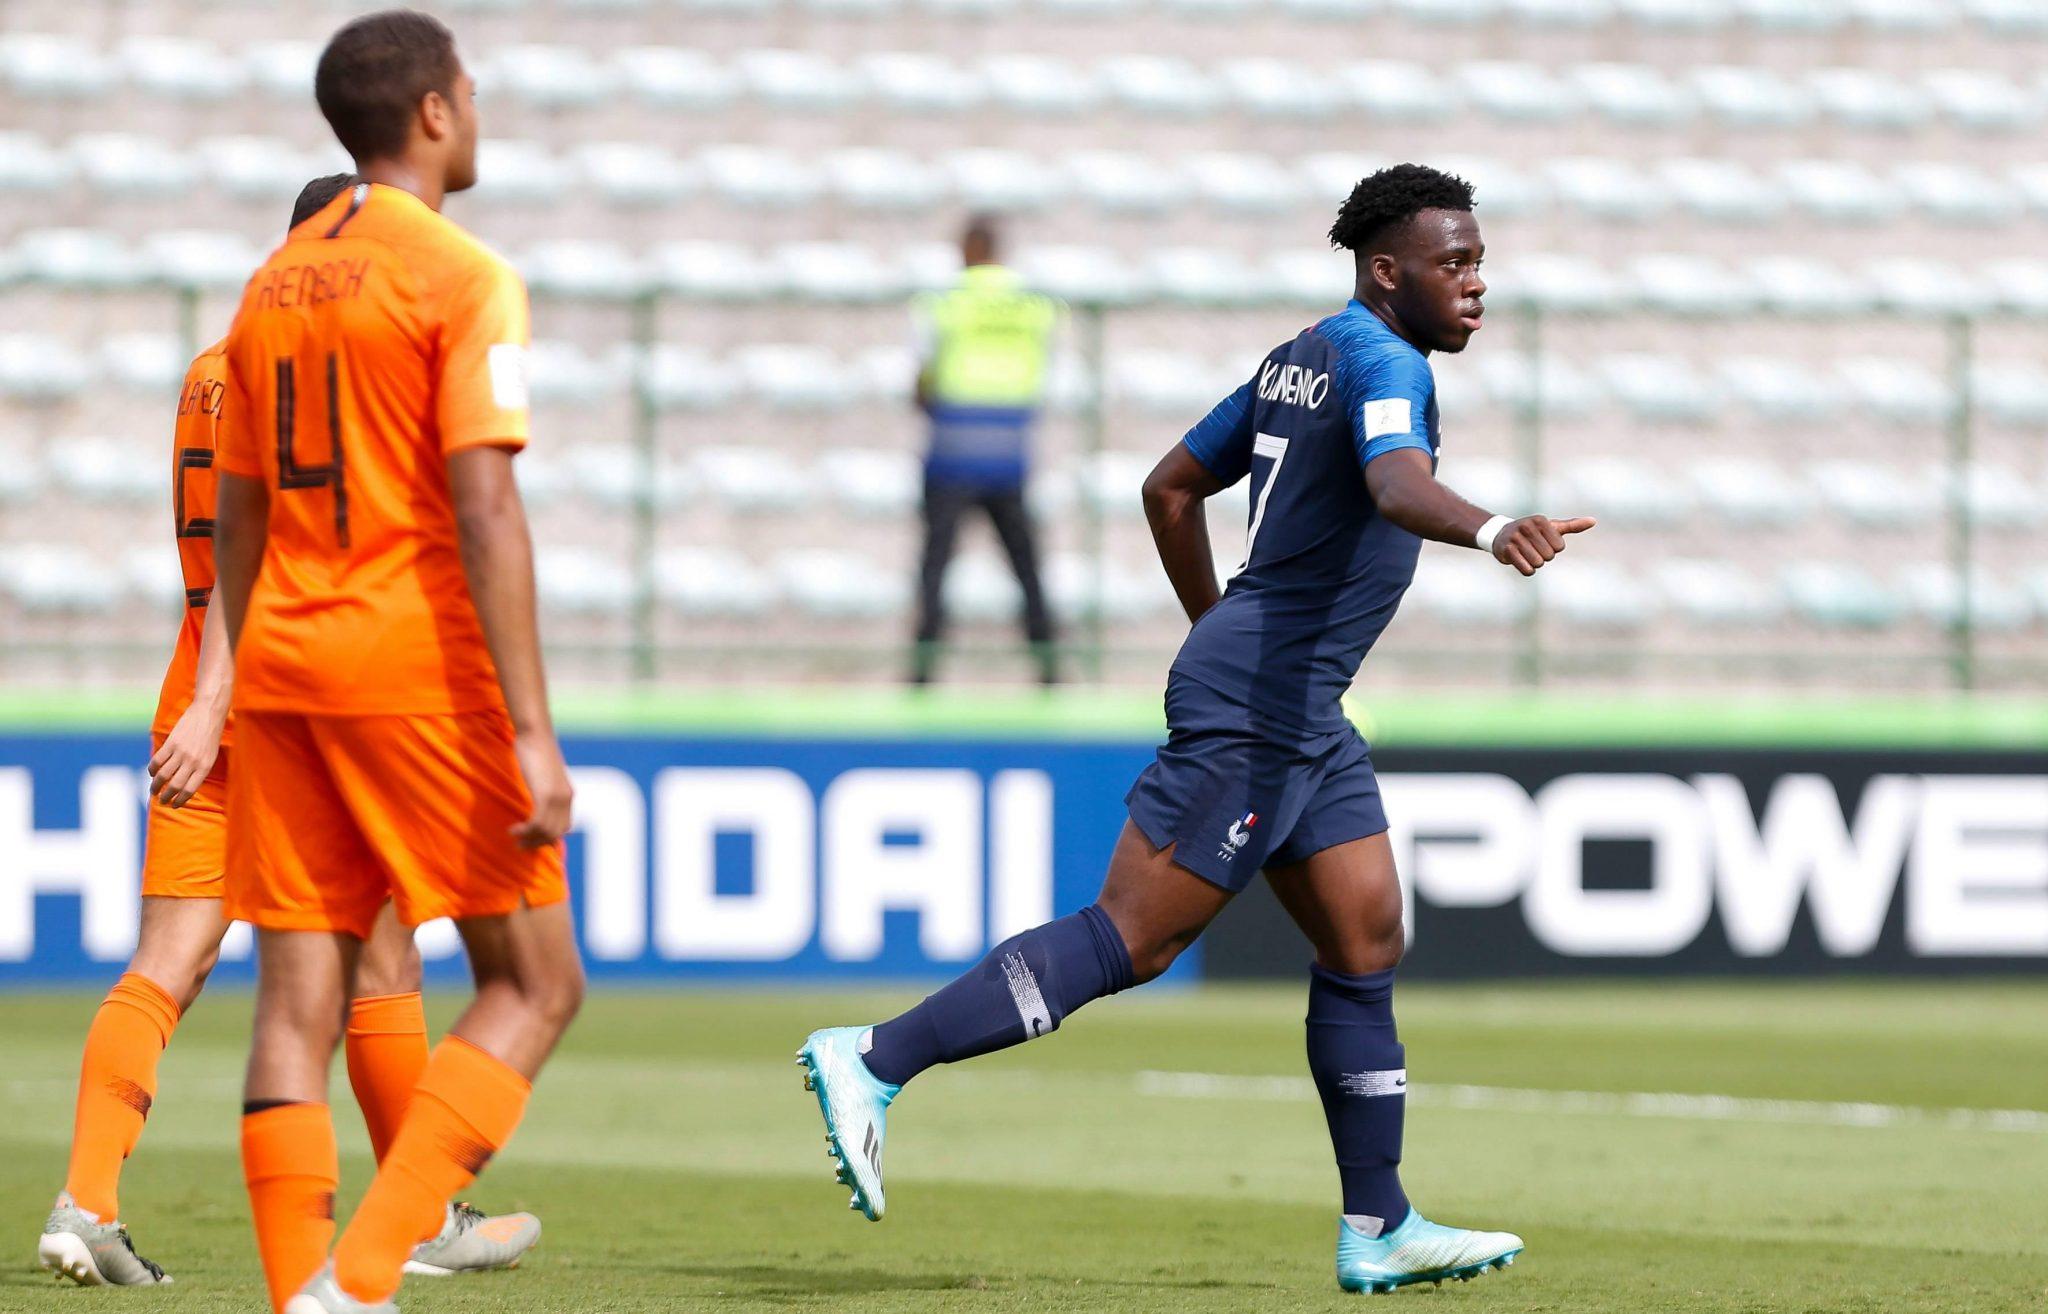 Balen! Oranje onder-17 grijpt overal naast en verliest troostfinale van Frankrijk - Sportnieuws.nl